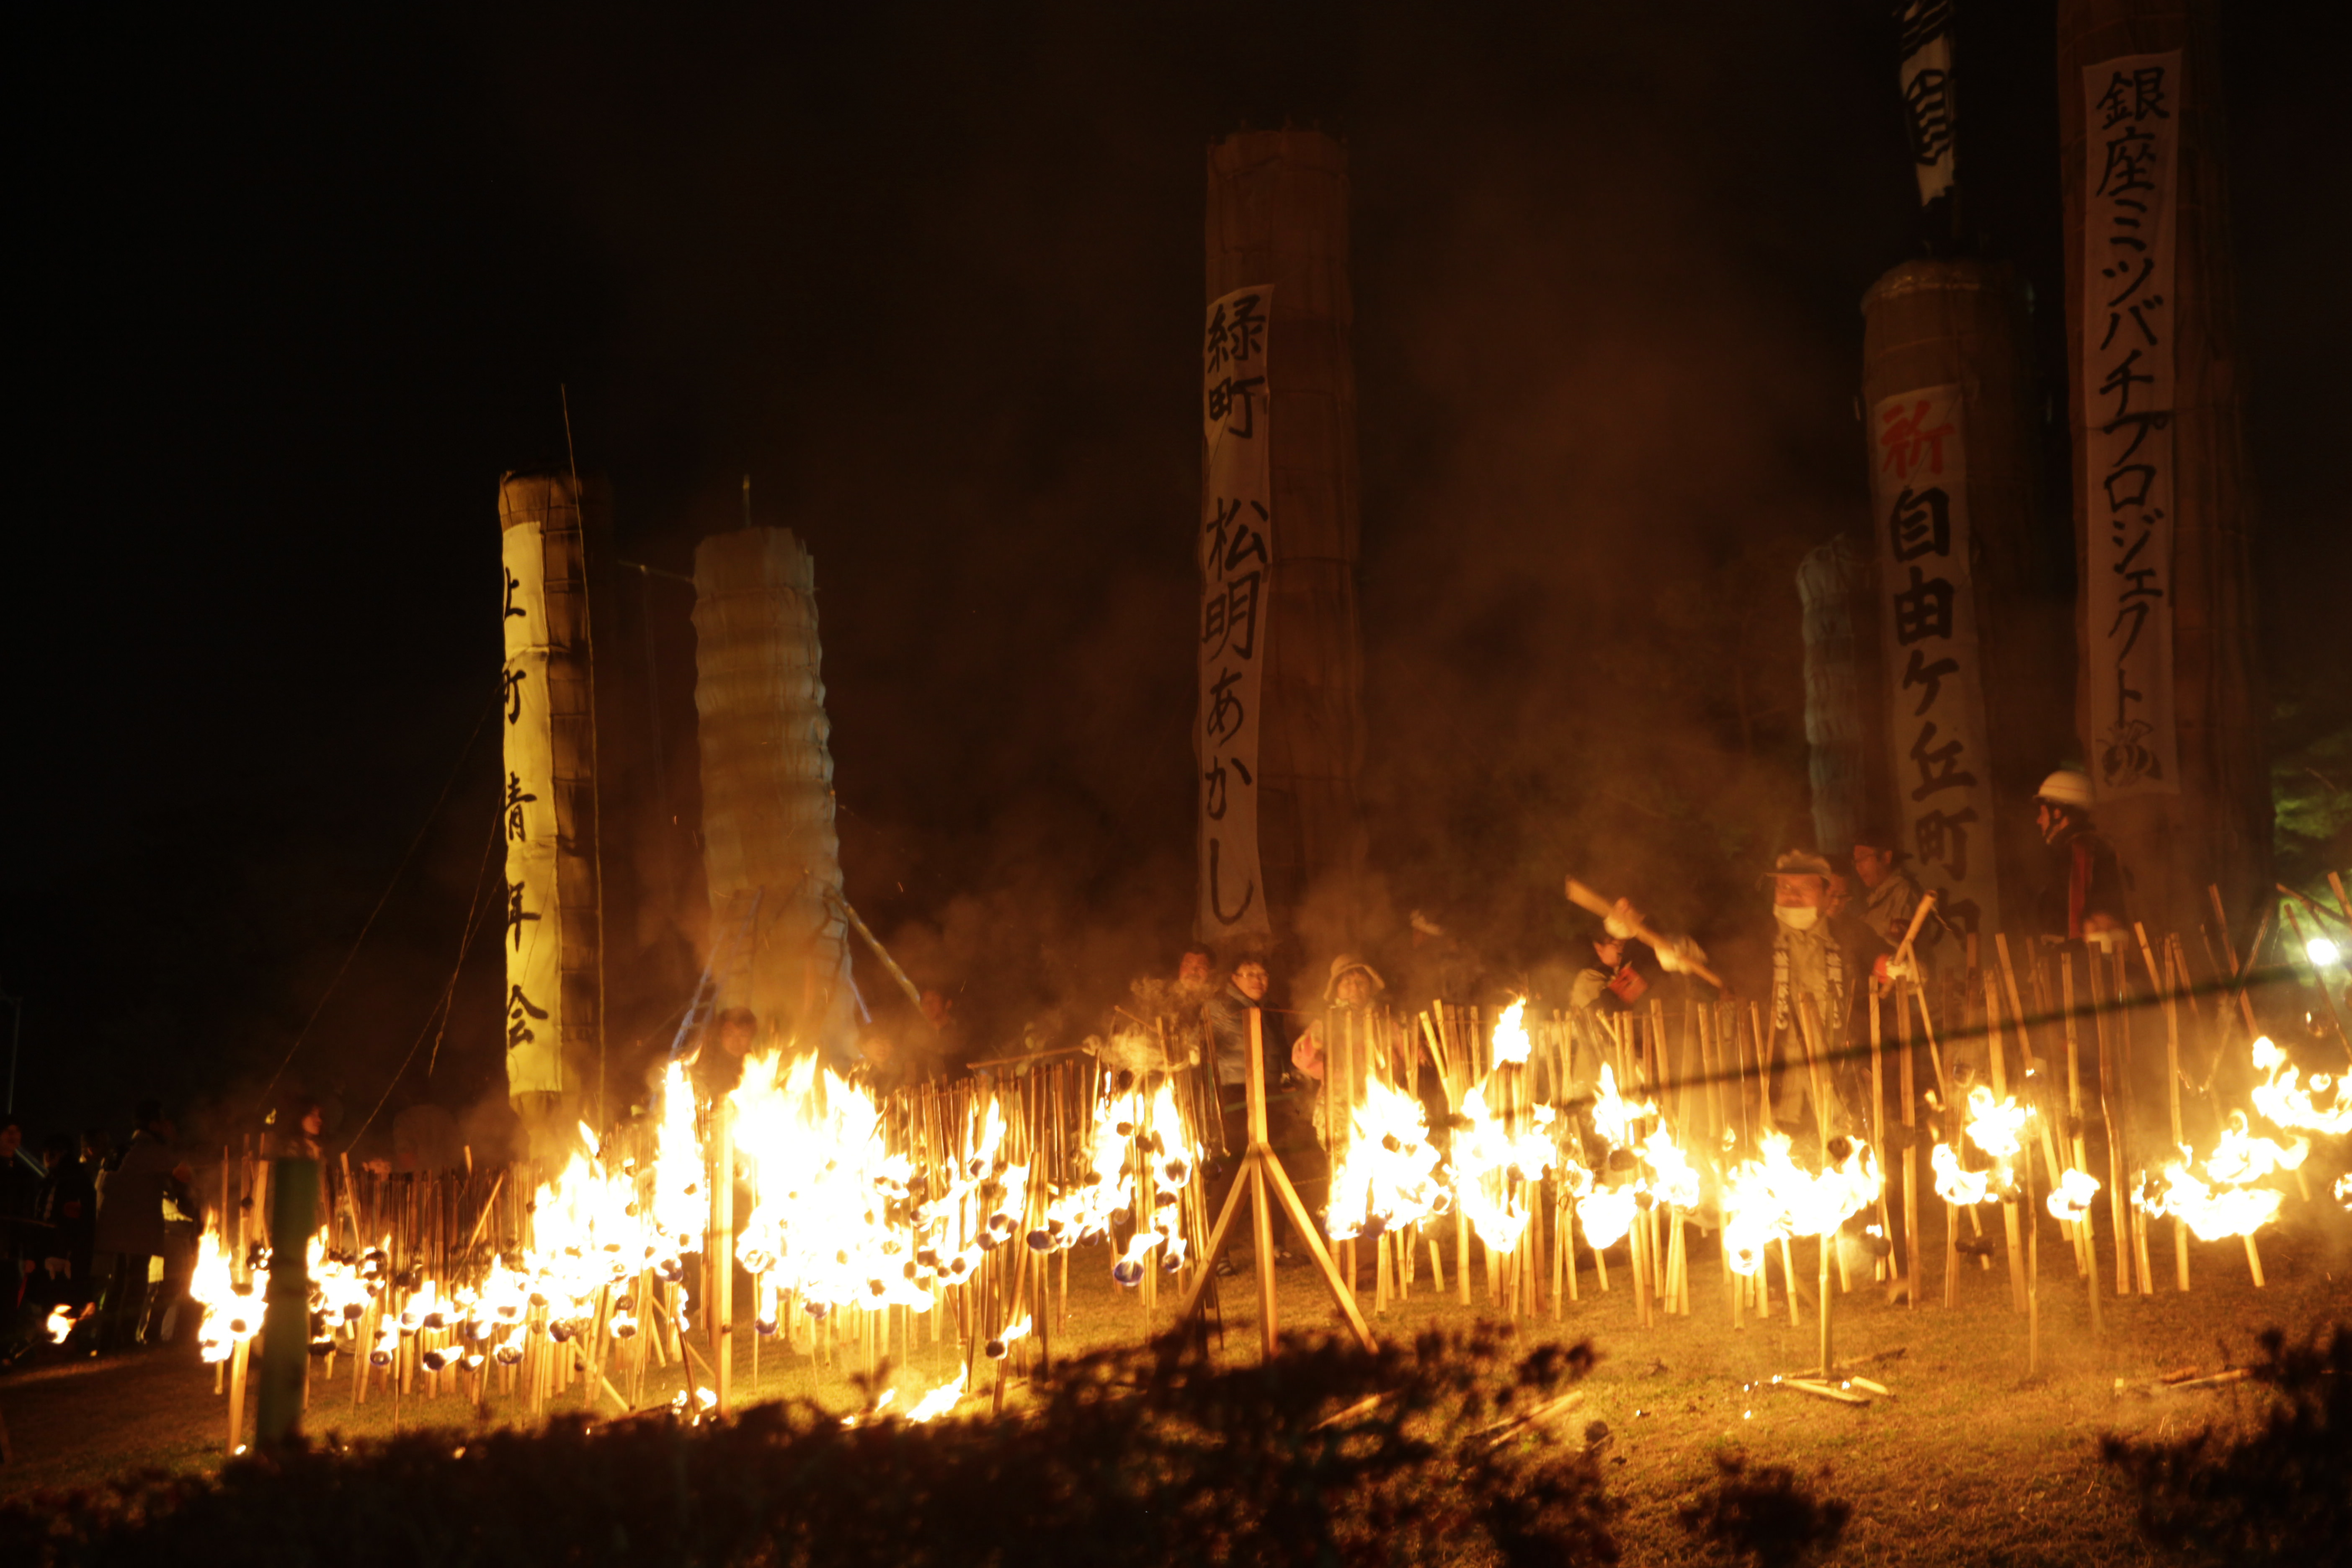 小松明は、大松明の周りの柵にかけて燃やす。